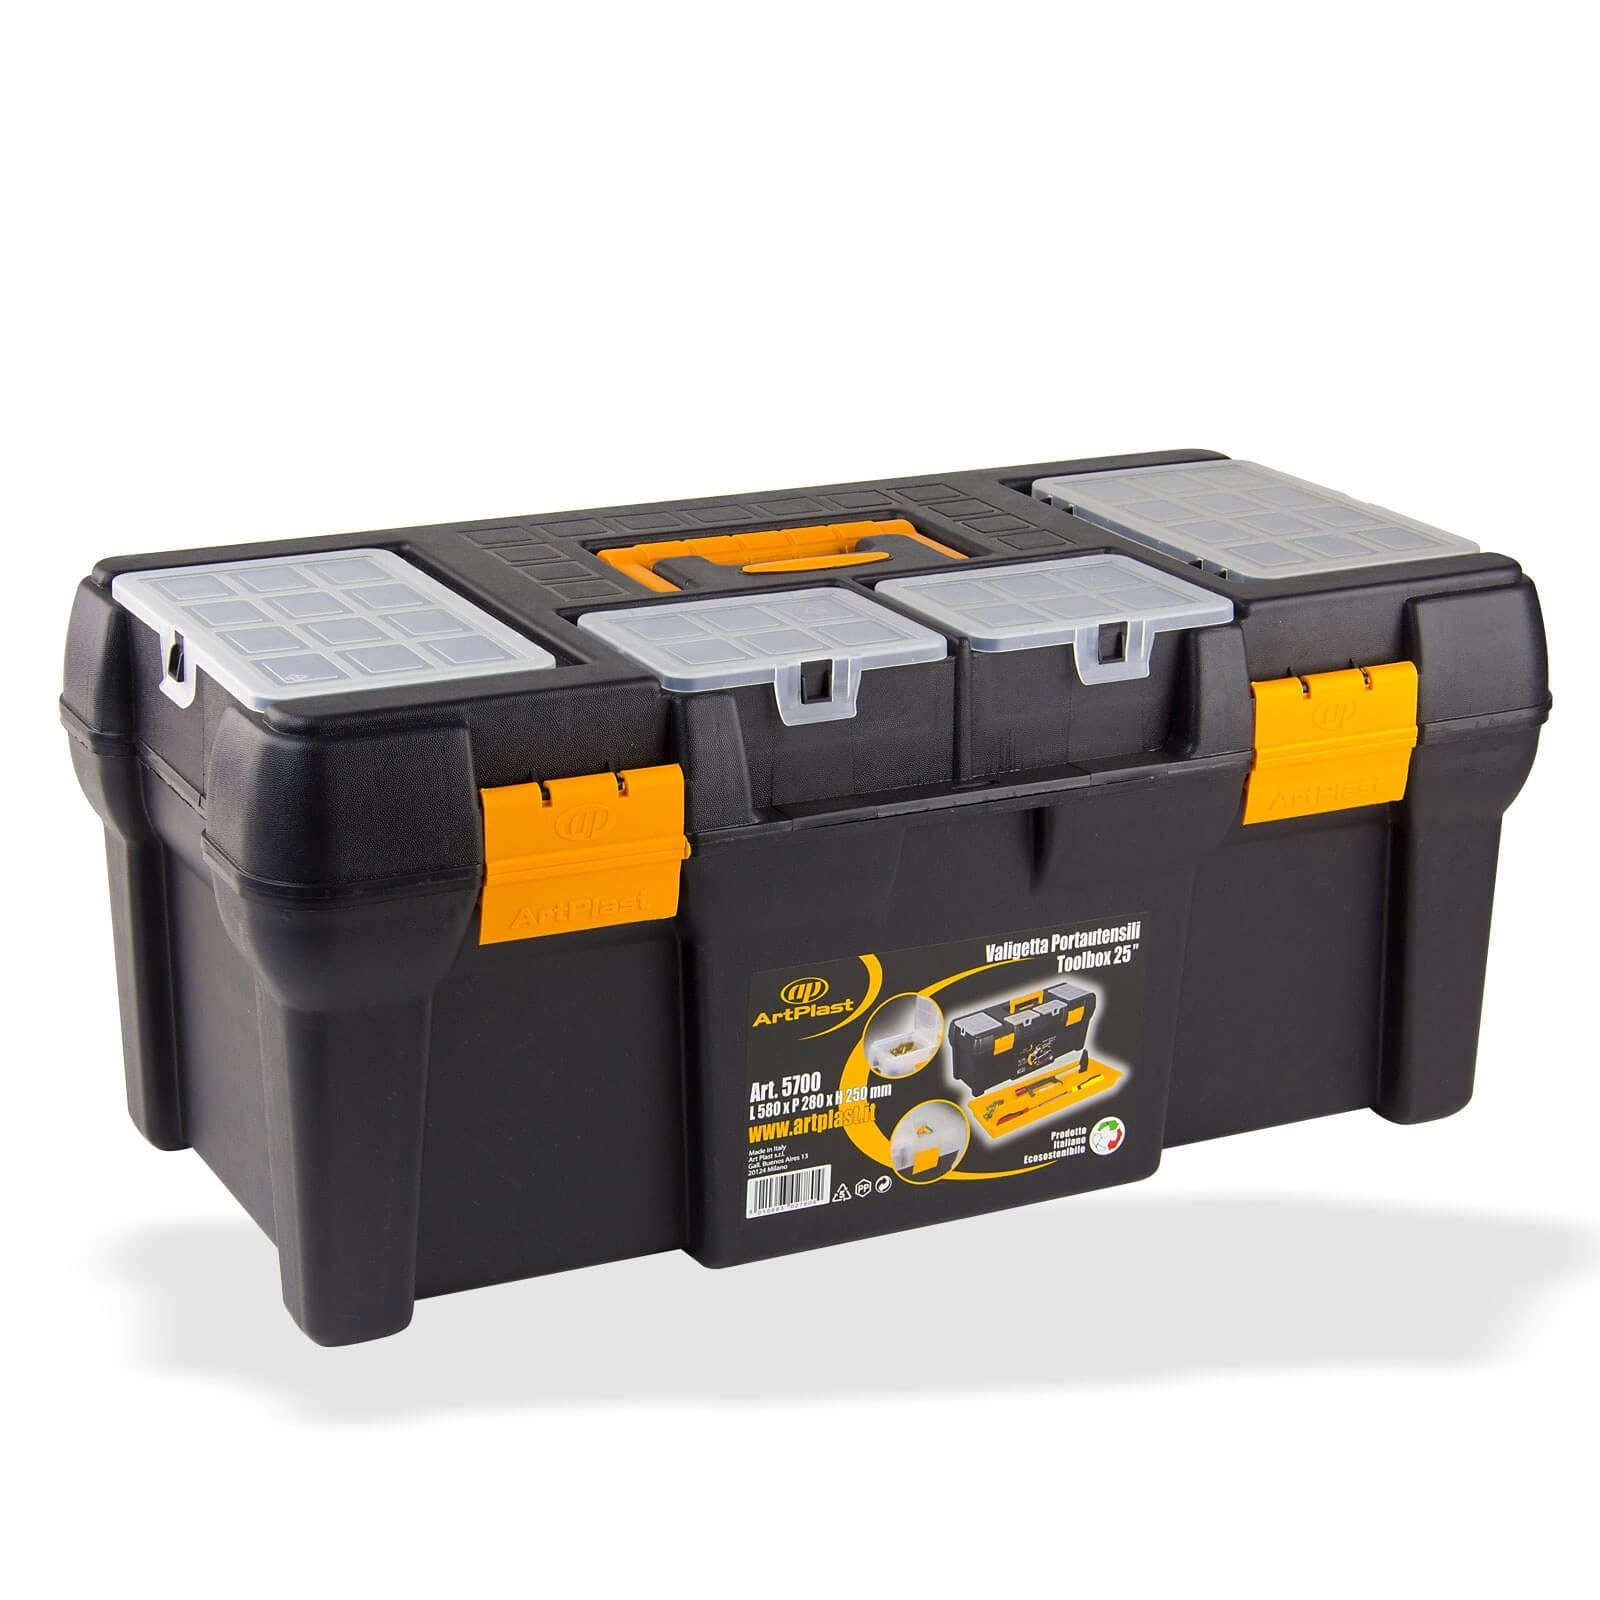 Dema Kunststoff Werkzeugkoffer / Werkzeugbox Big ArtPlast-5700 15051